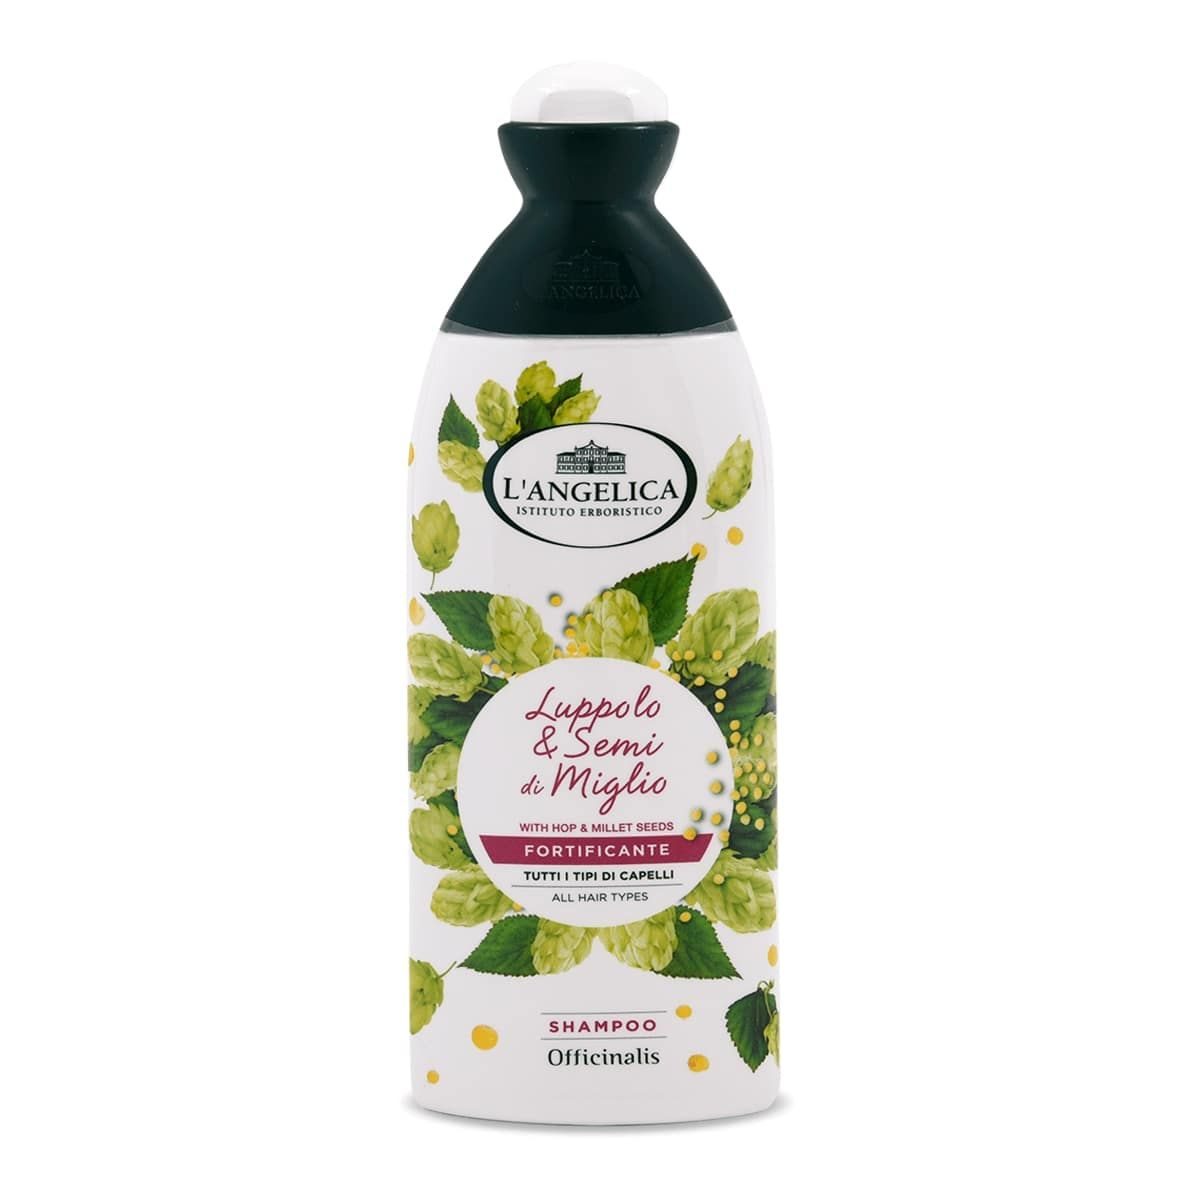 Shampoo Luppolo & Semi di Miglio